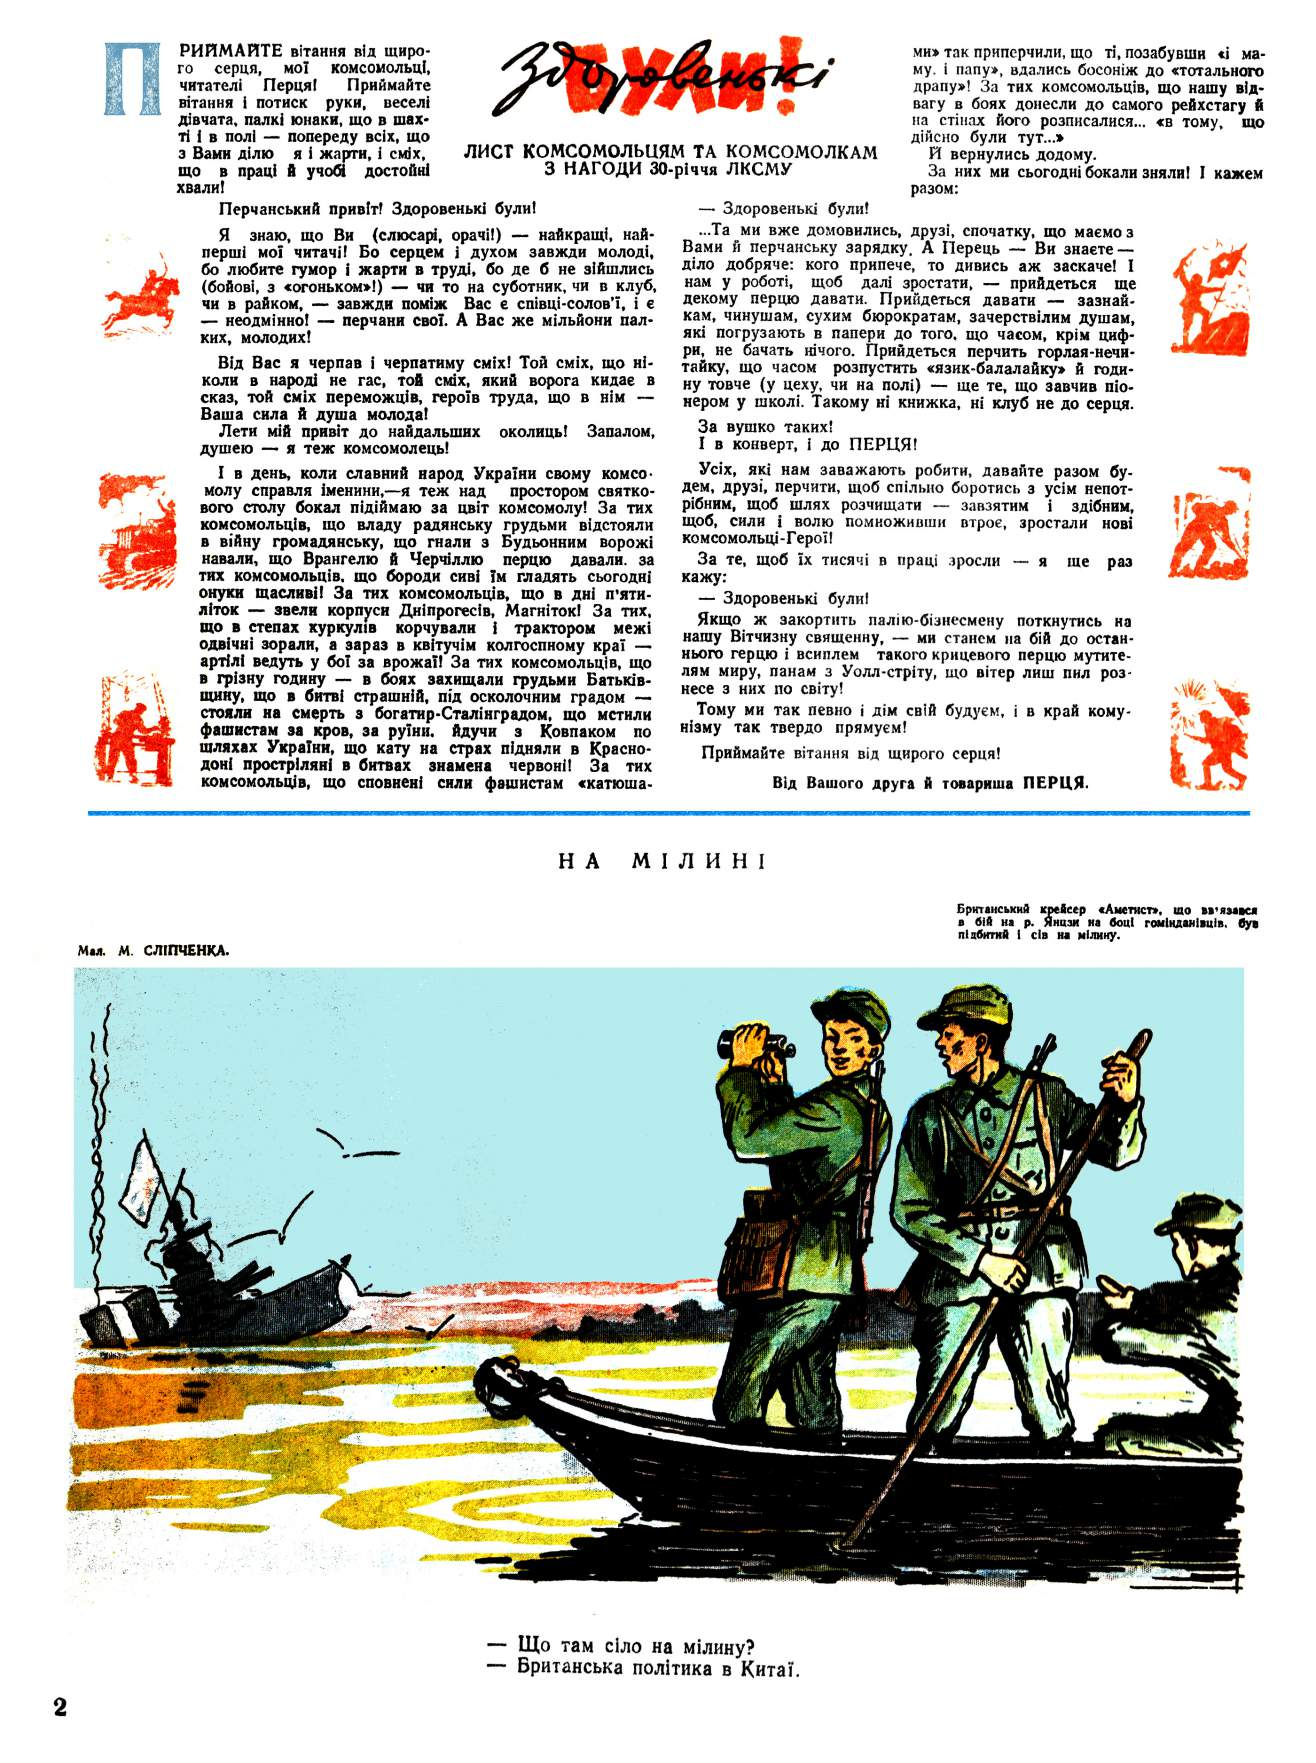 Журнал перець 1949 №11